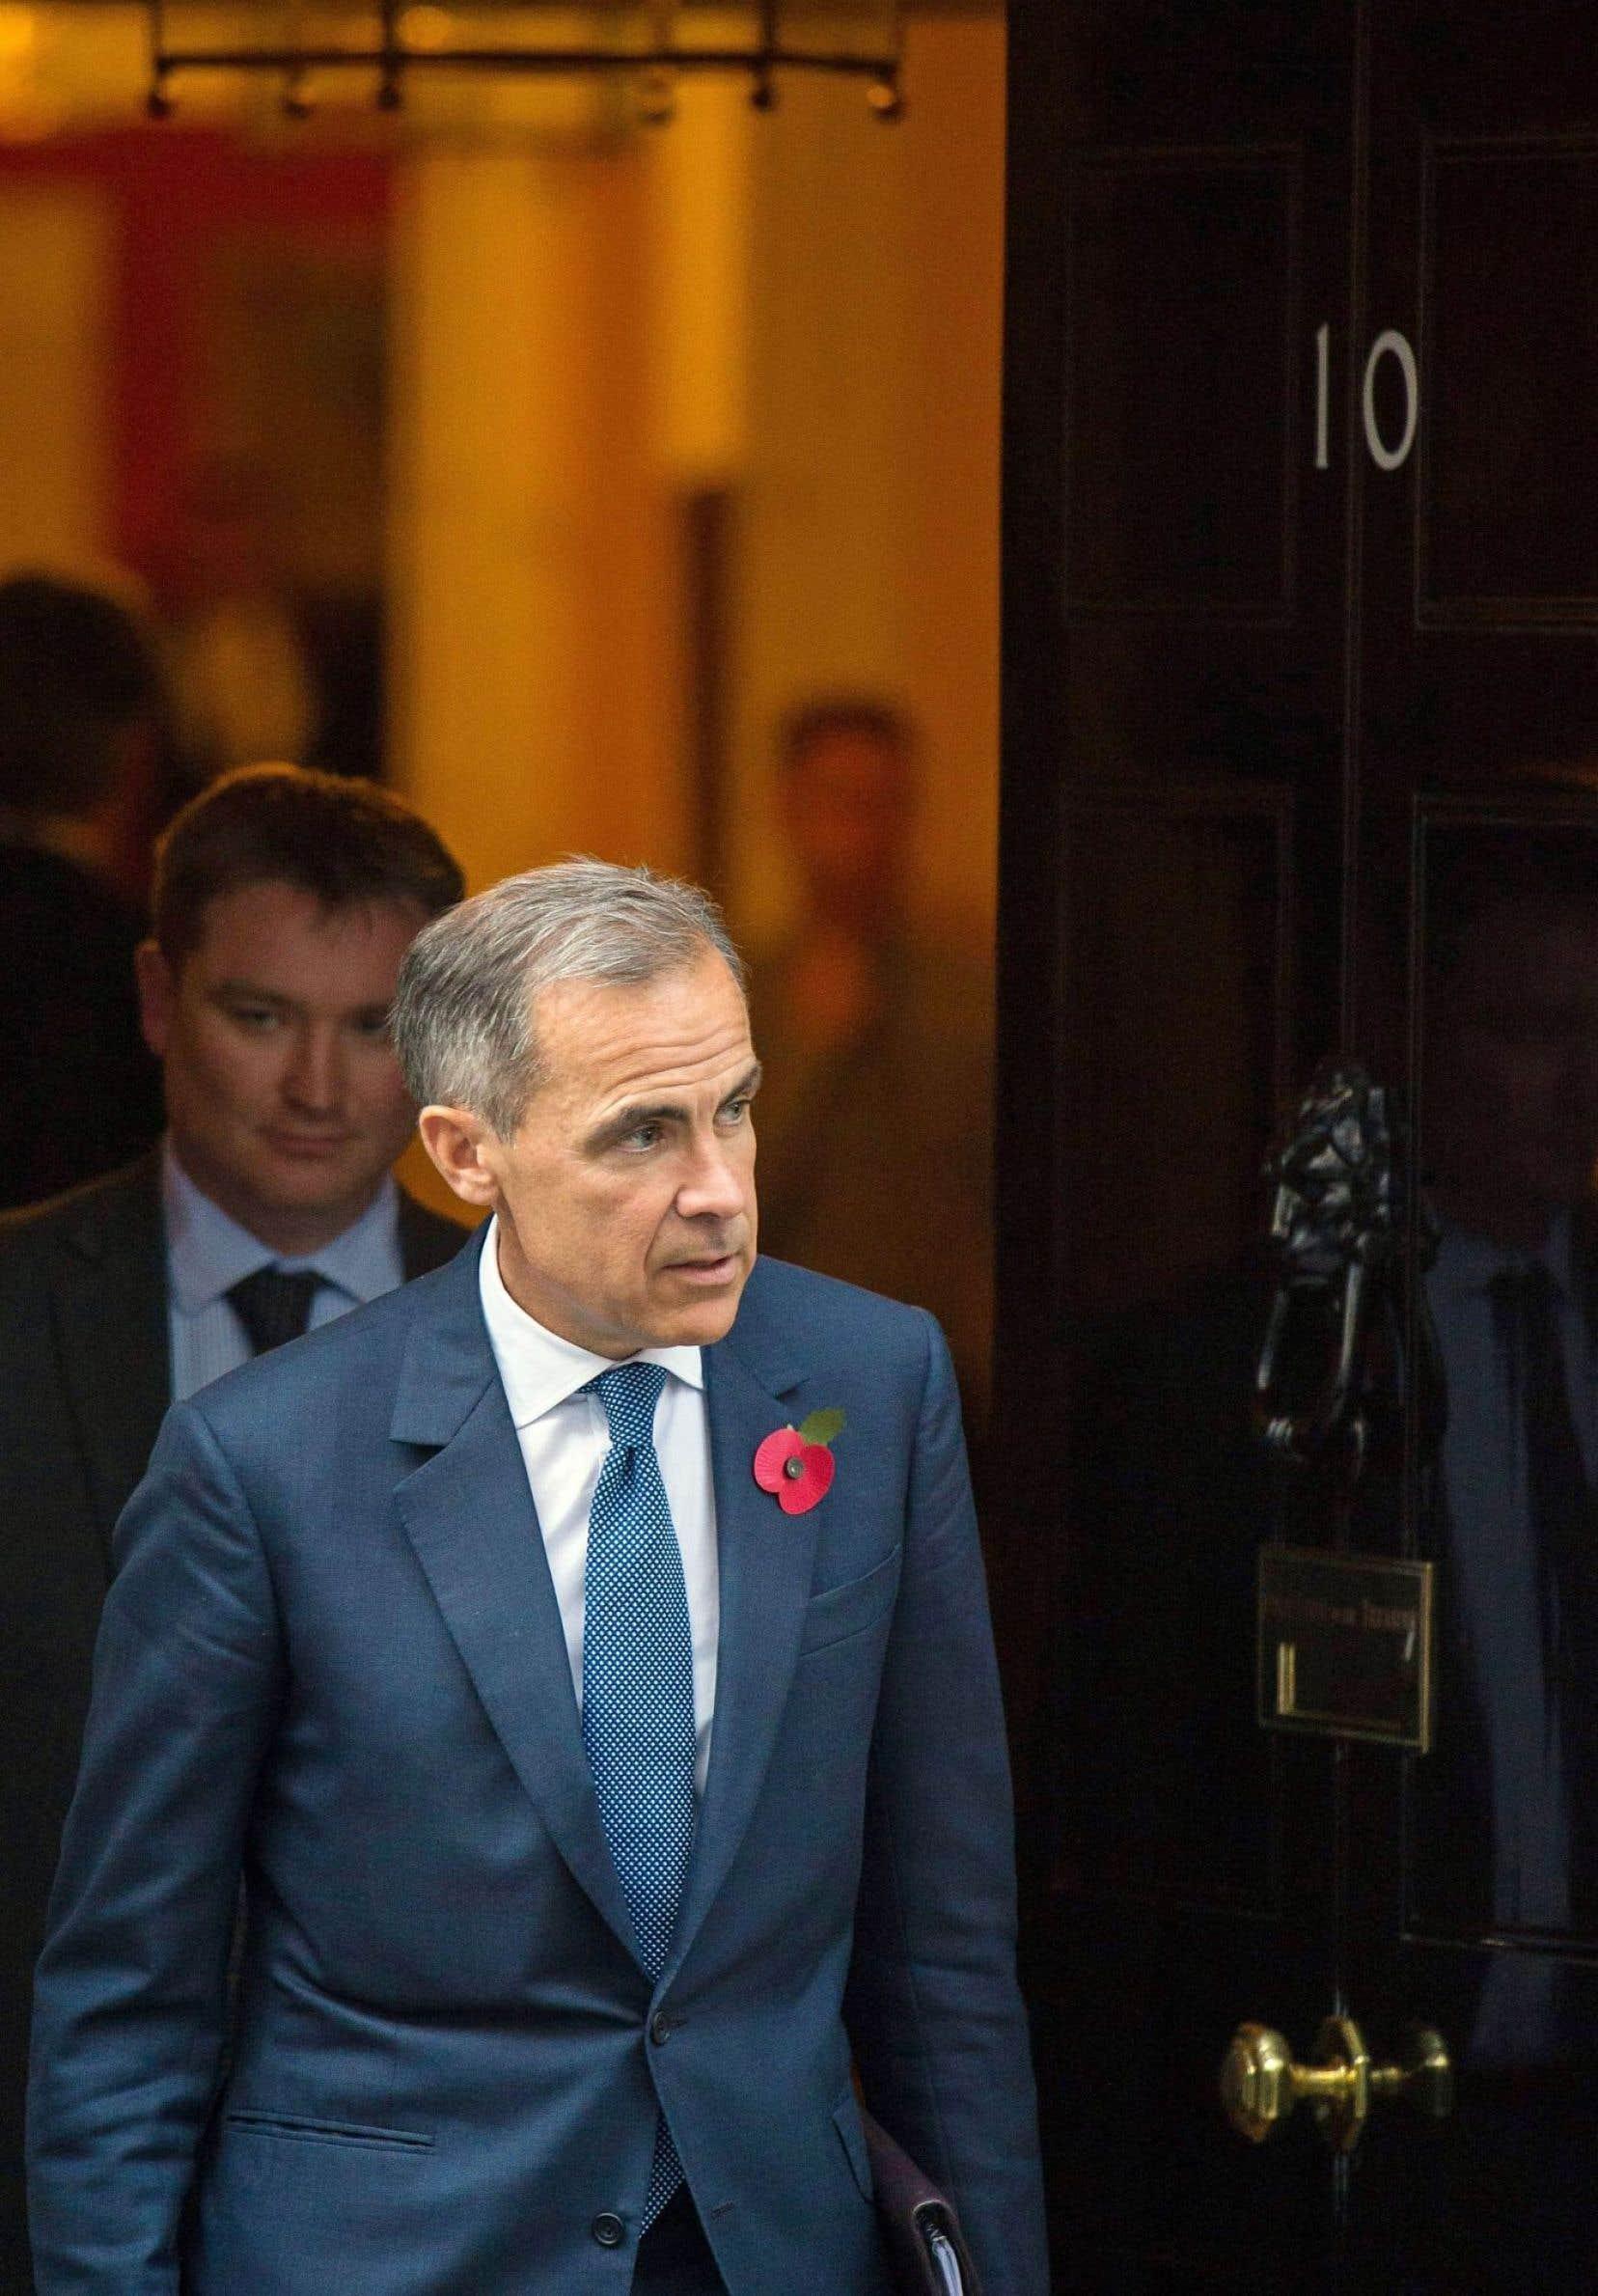 Le gouverneur de la Banque d'Angleterre, Mark Carney, lundi après une réunion au 10 Downing Street